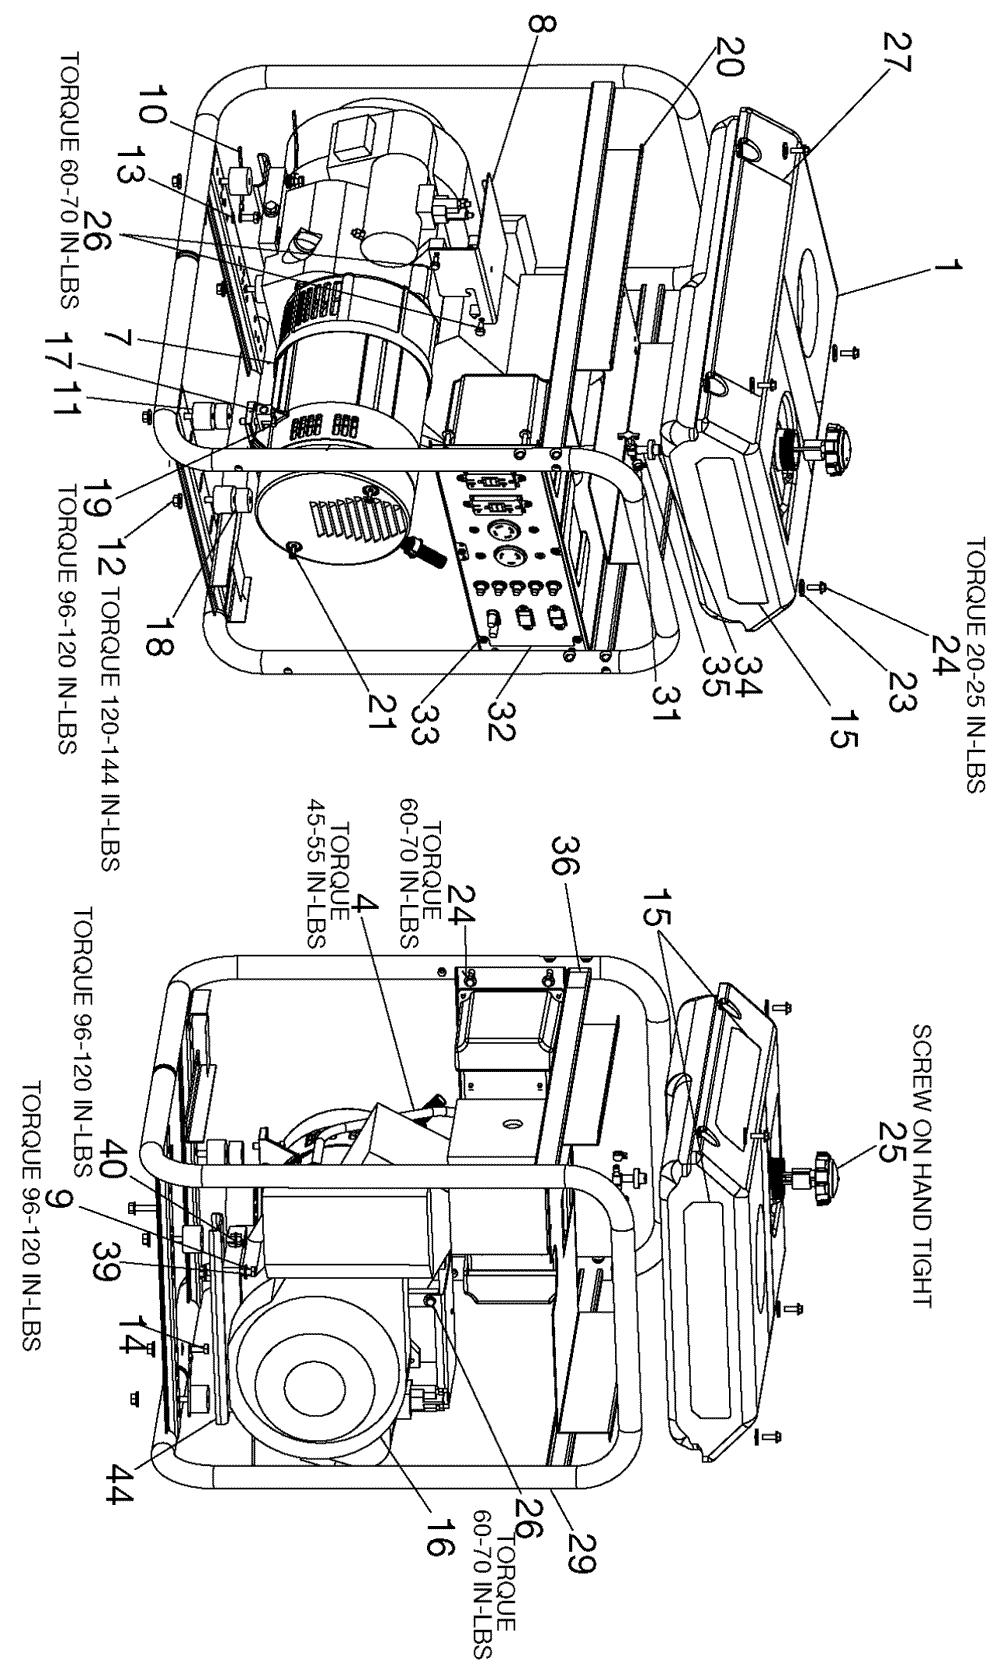 Generac 5500 Watt Generator Wiring Diagram